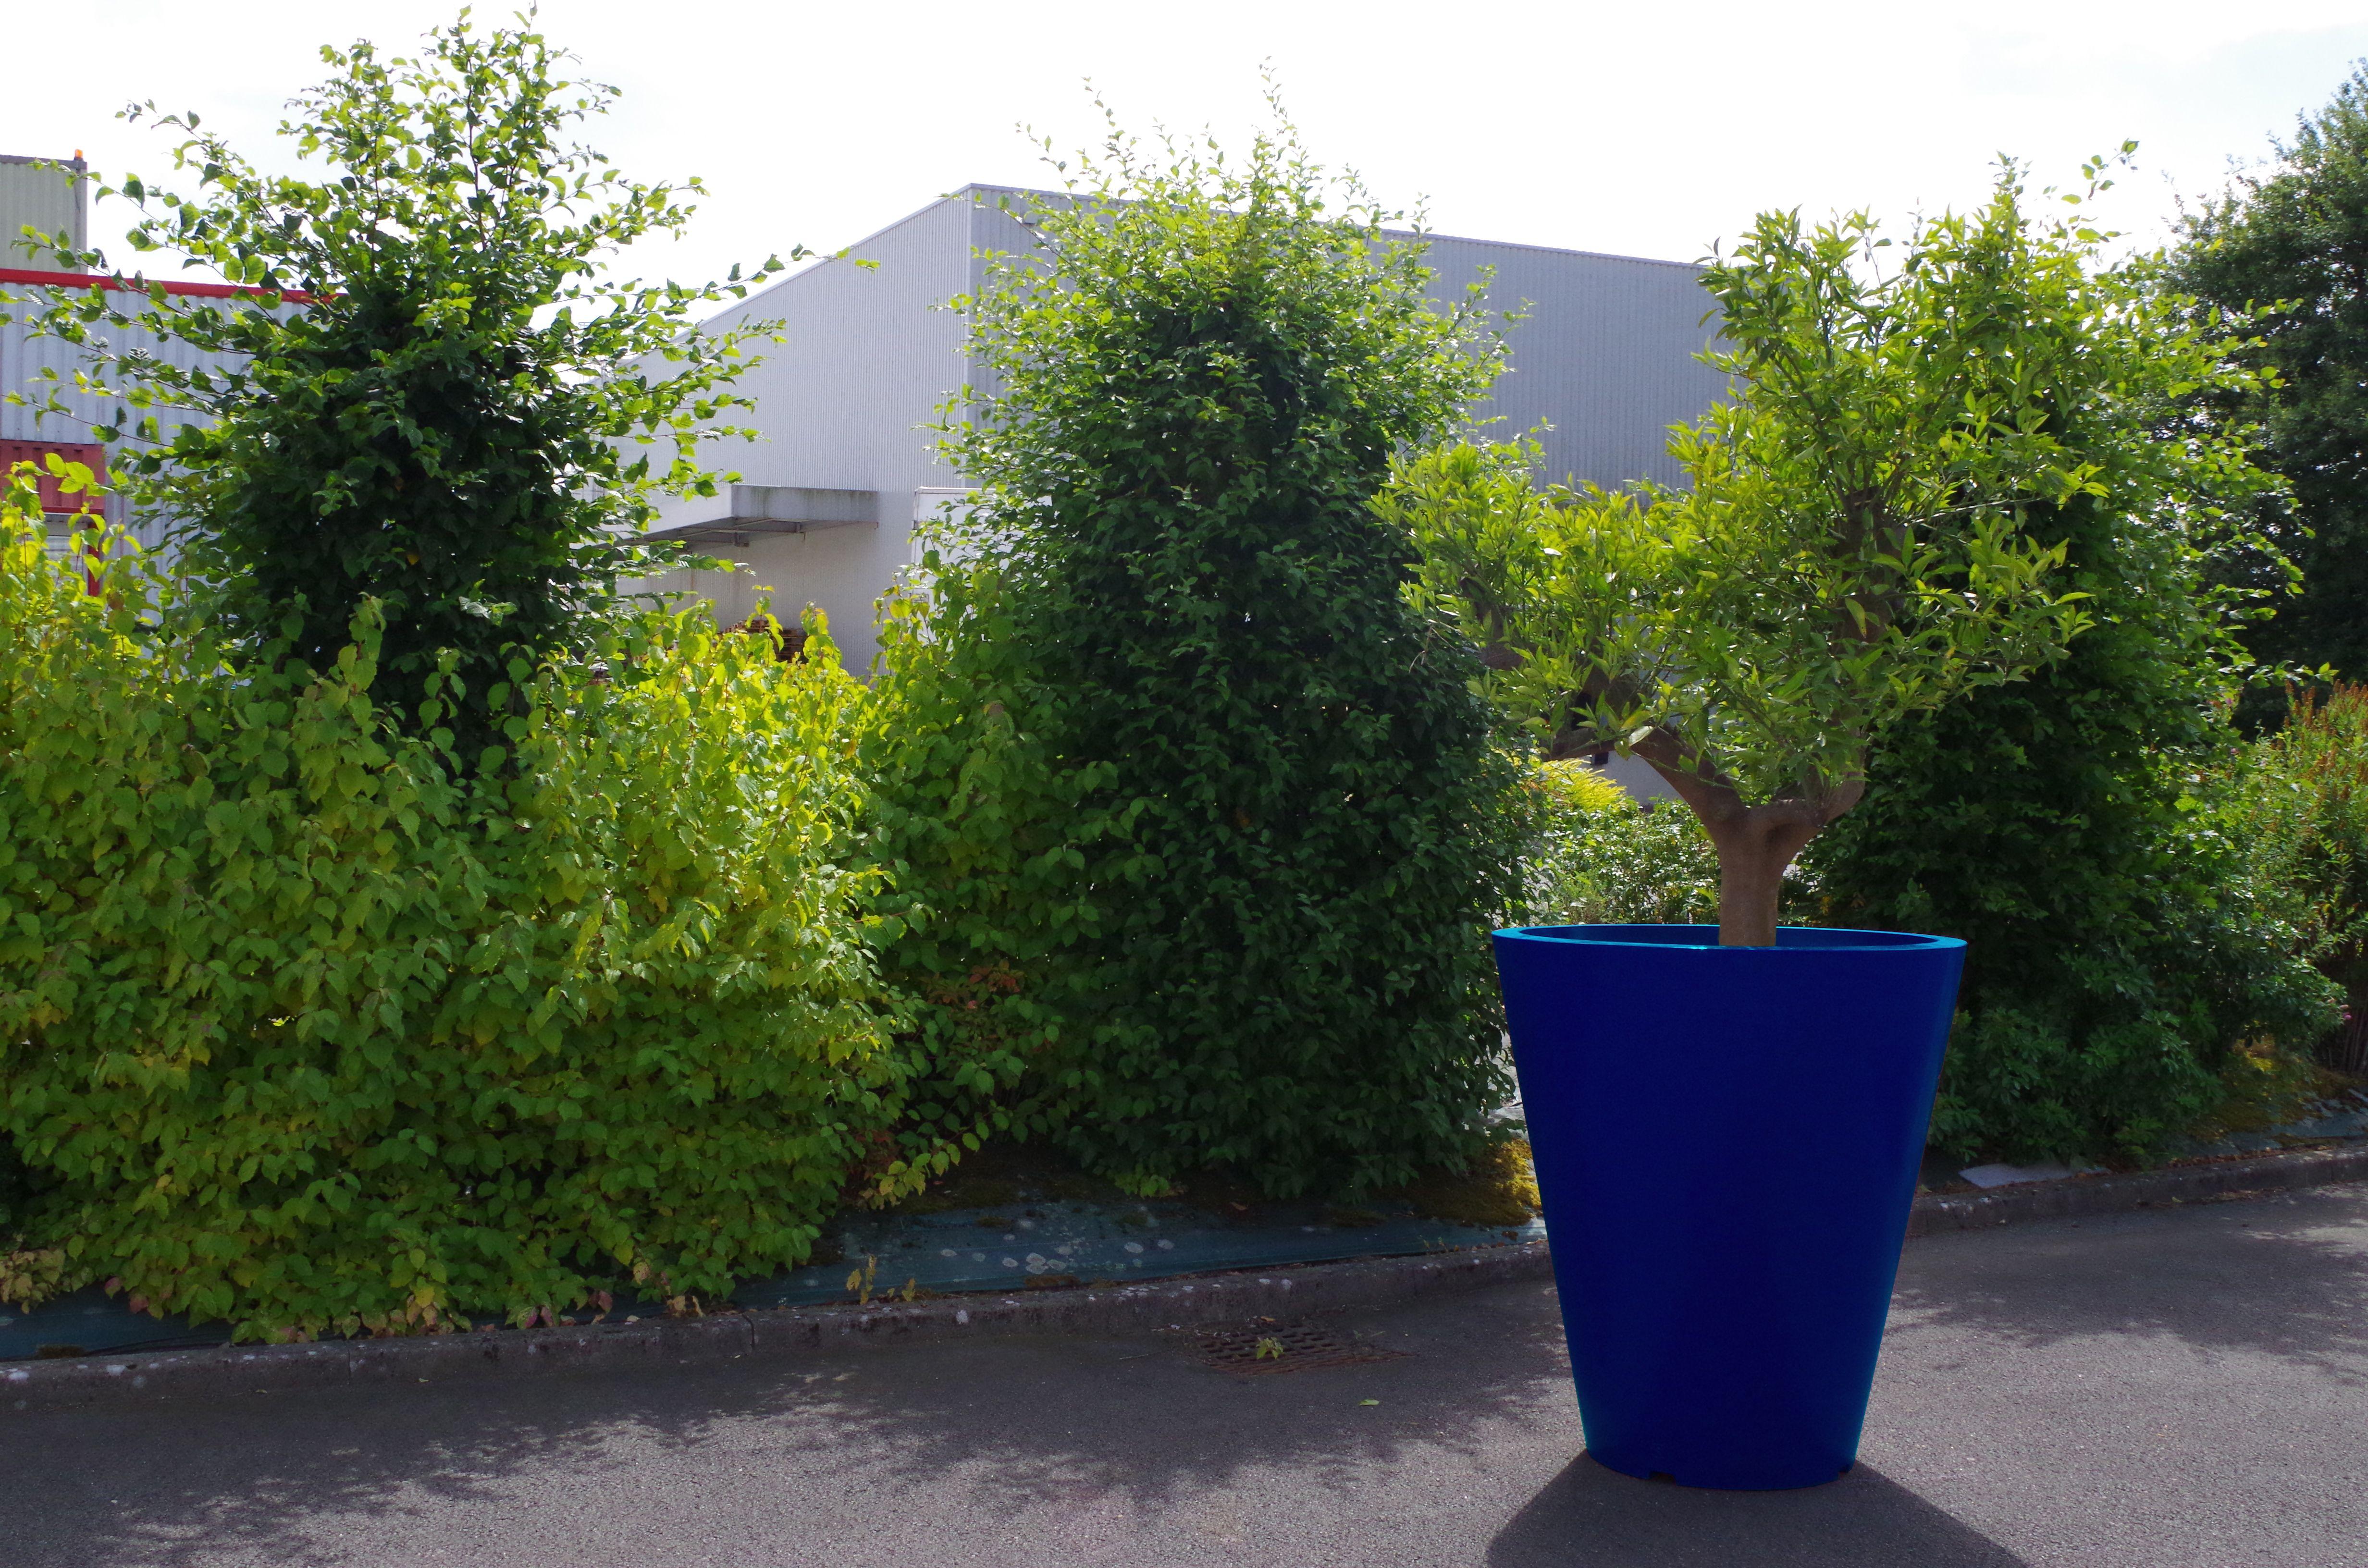 Gros Pot Fleur Plastique title} (avec images) | pot de fleurs, pot de fleur exterieur